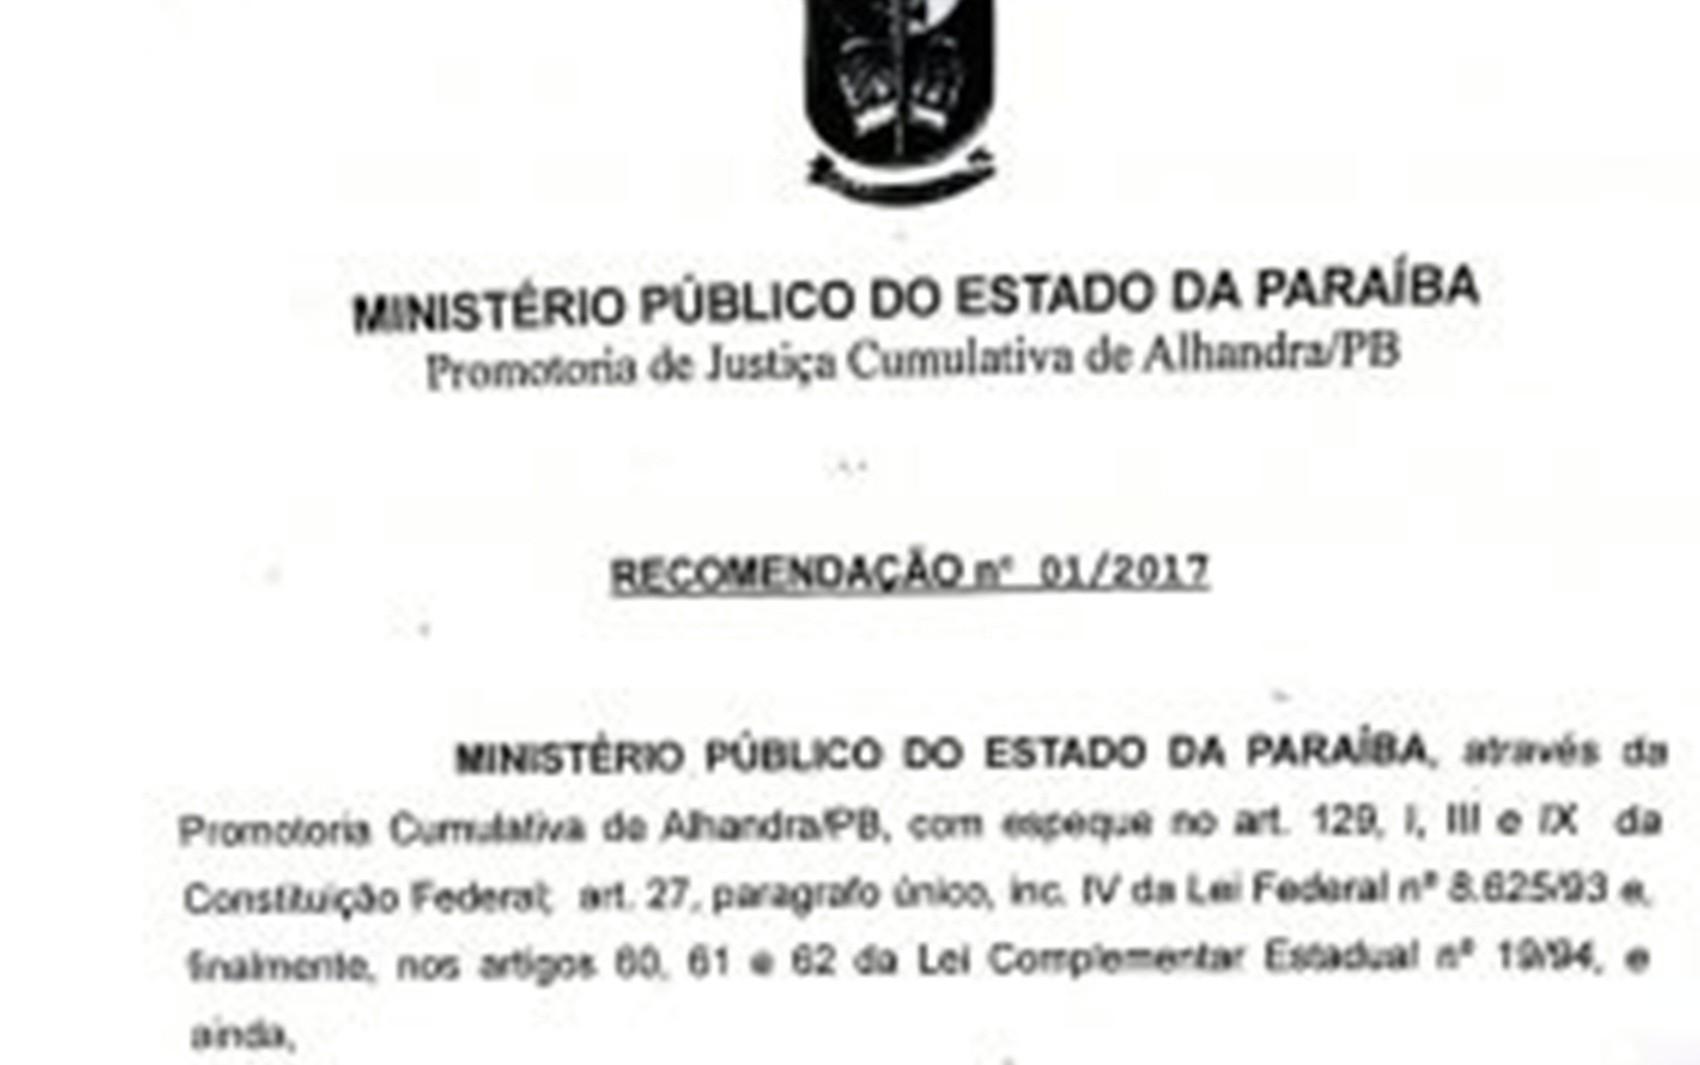 Documento foi divulgado na quinta-feira (9) após reunião com prefeito de Alhandra (Foto: Reprodução)